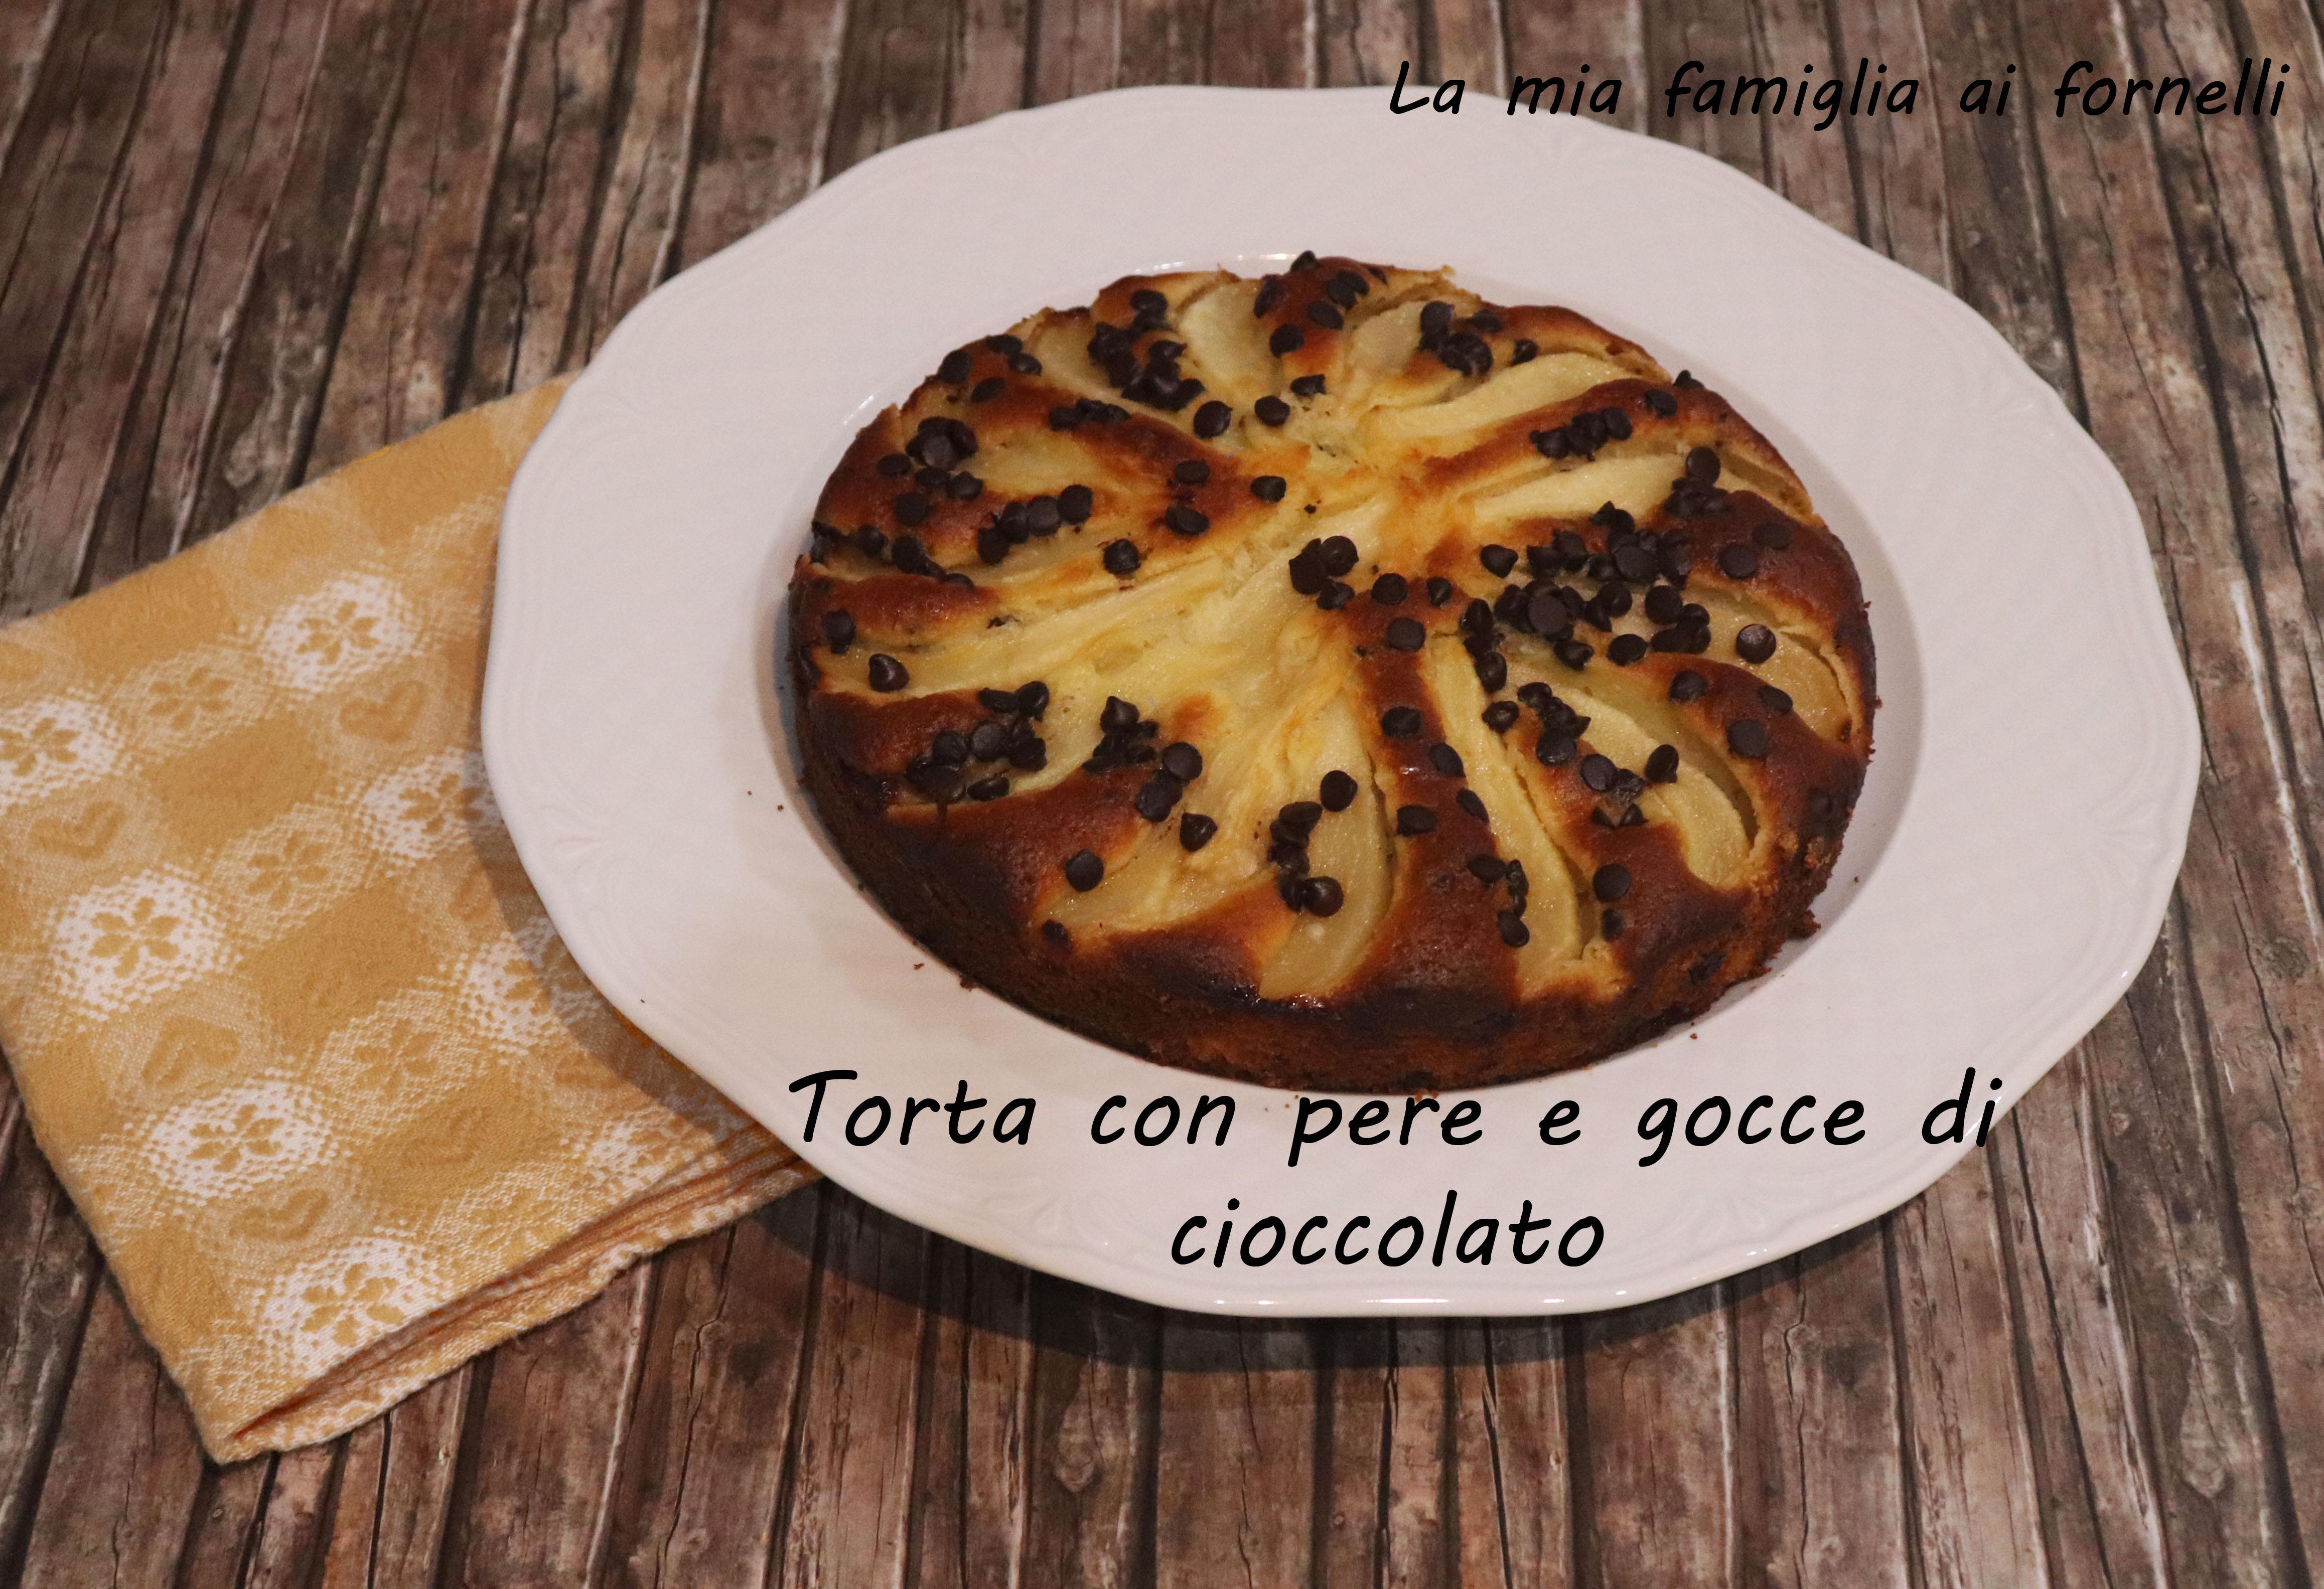 Torta con pere e gocce di cioccolato